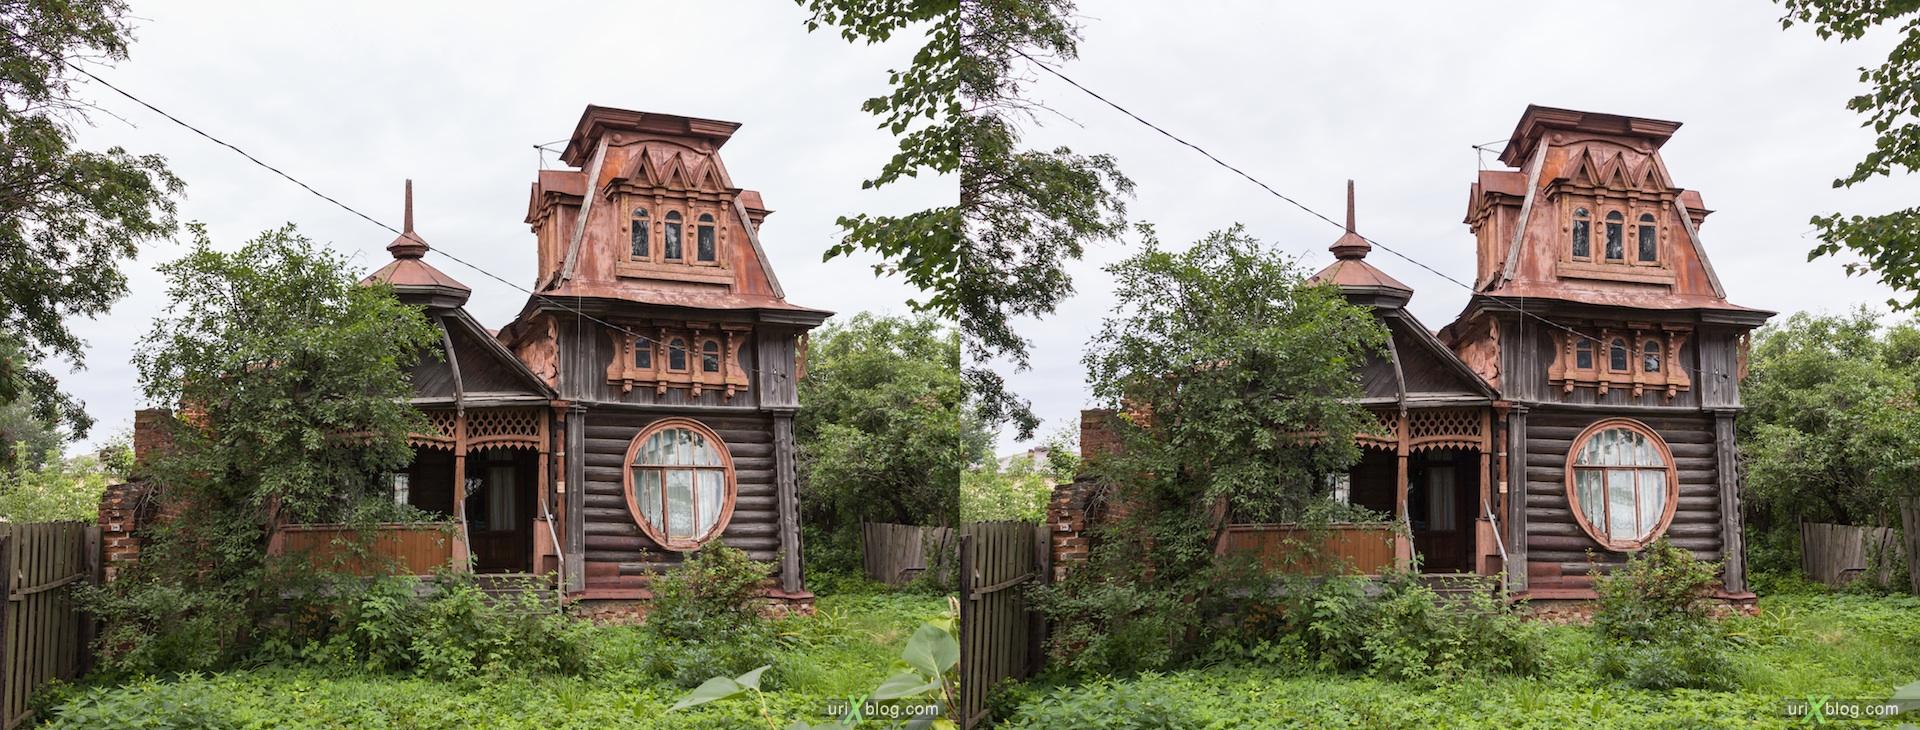 Стереоизображение деревянного дома в стиле модерн